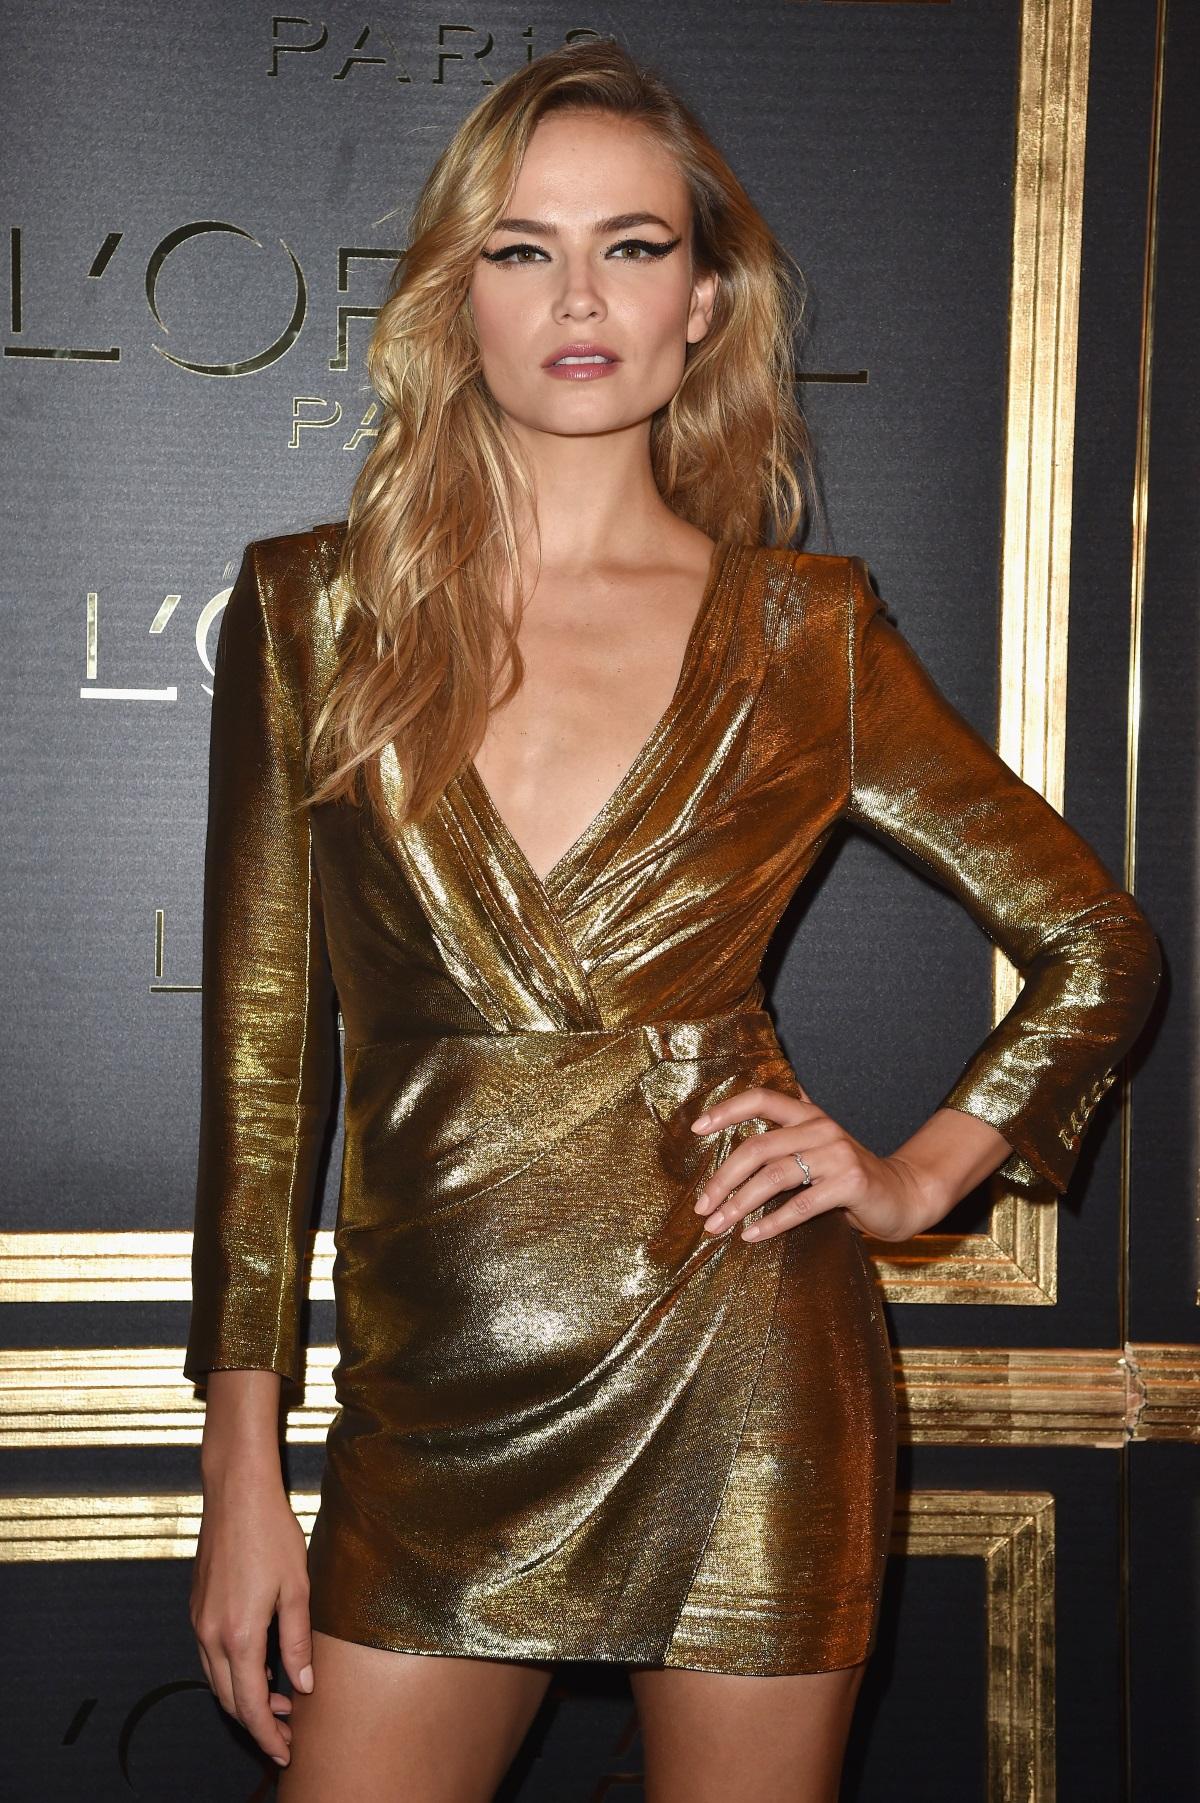 Истинското име на супермодела Наташа Поли е Наталия Сергейевна Полевшчикова. През 2004 г. руската красавица се превръща във фаворитка на модния поидум и съкращава името си, с което е известна в цял свят.